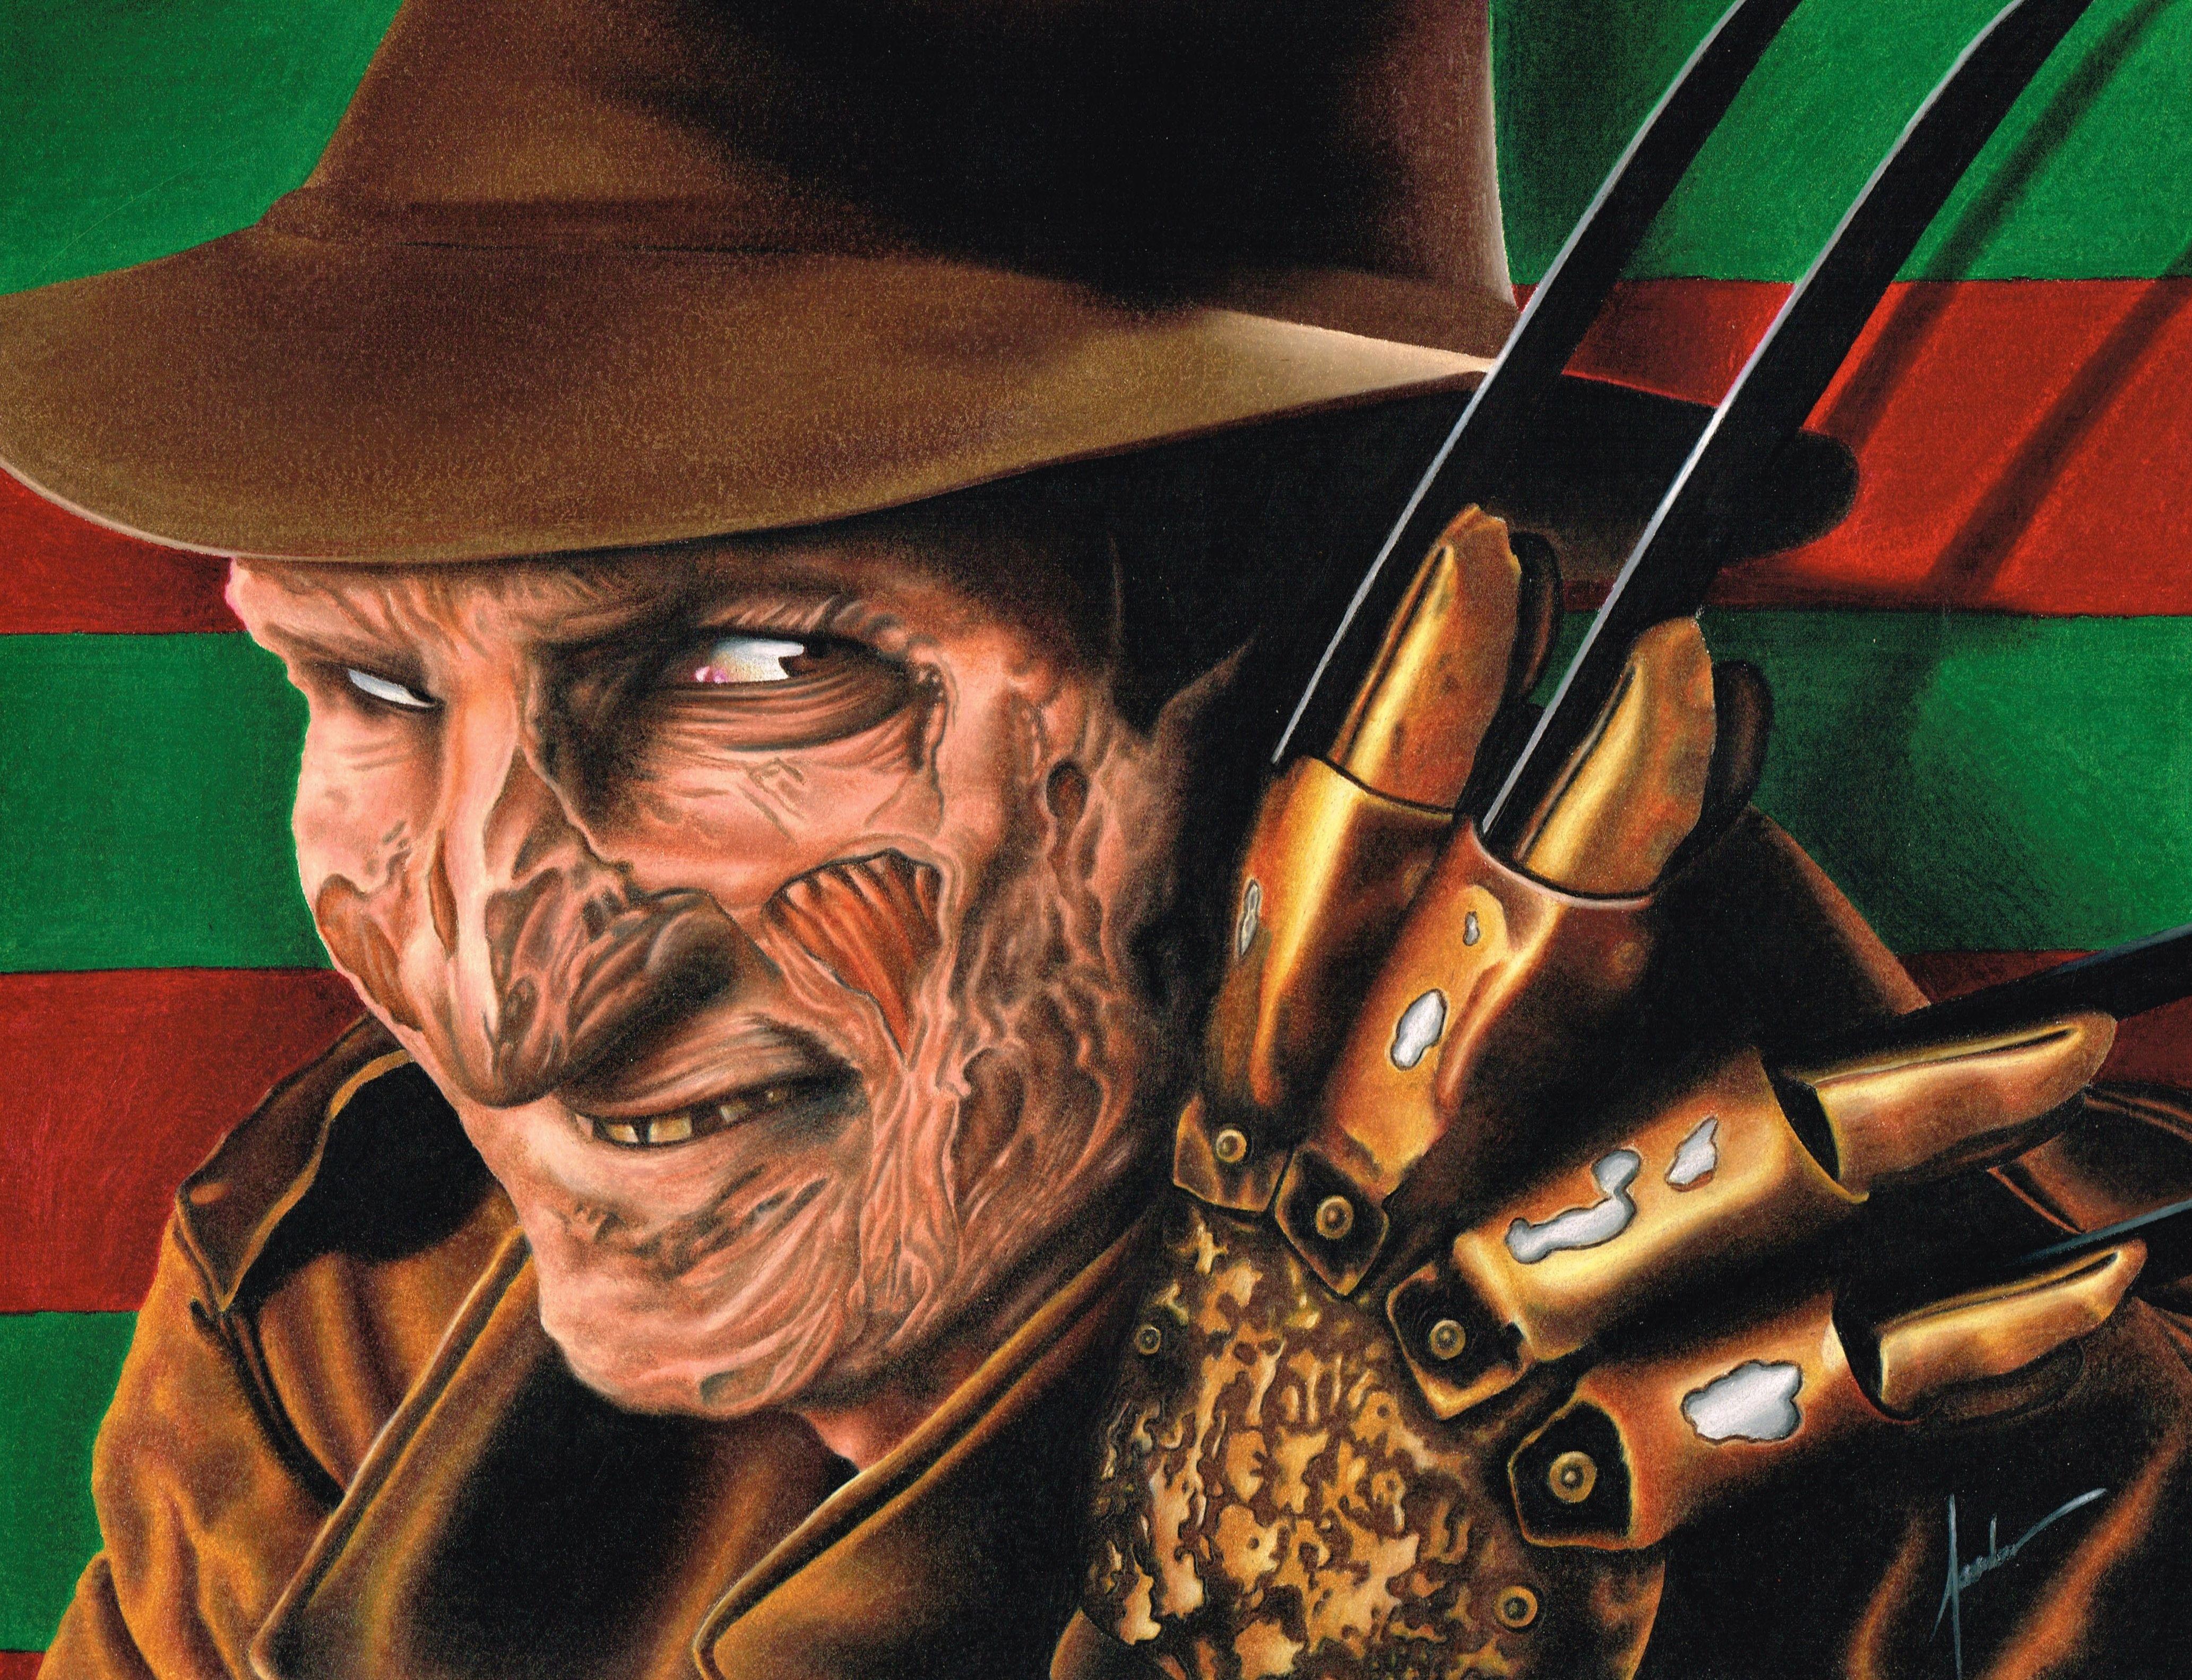 Freddy Krueger Wallpaper I Am